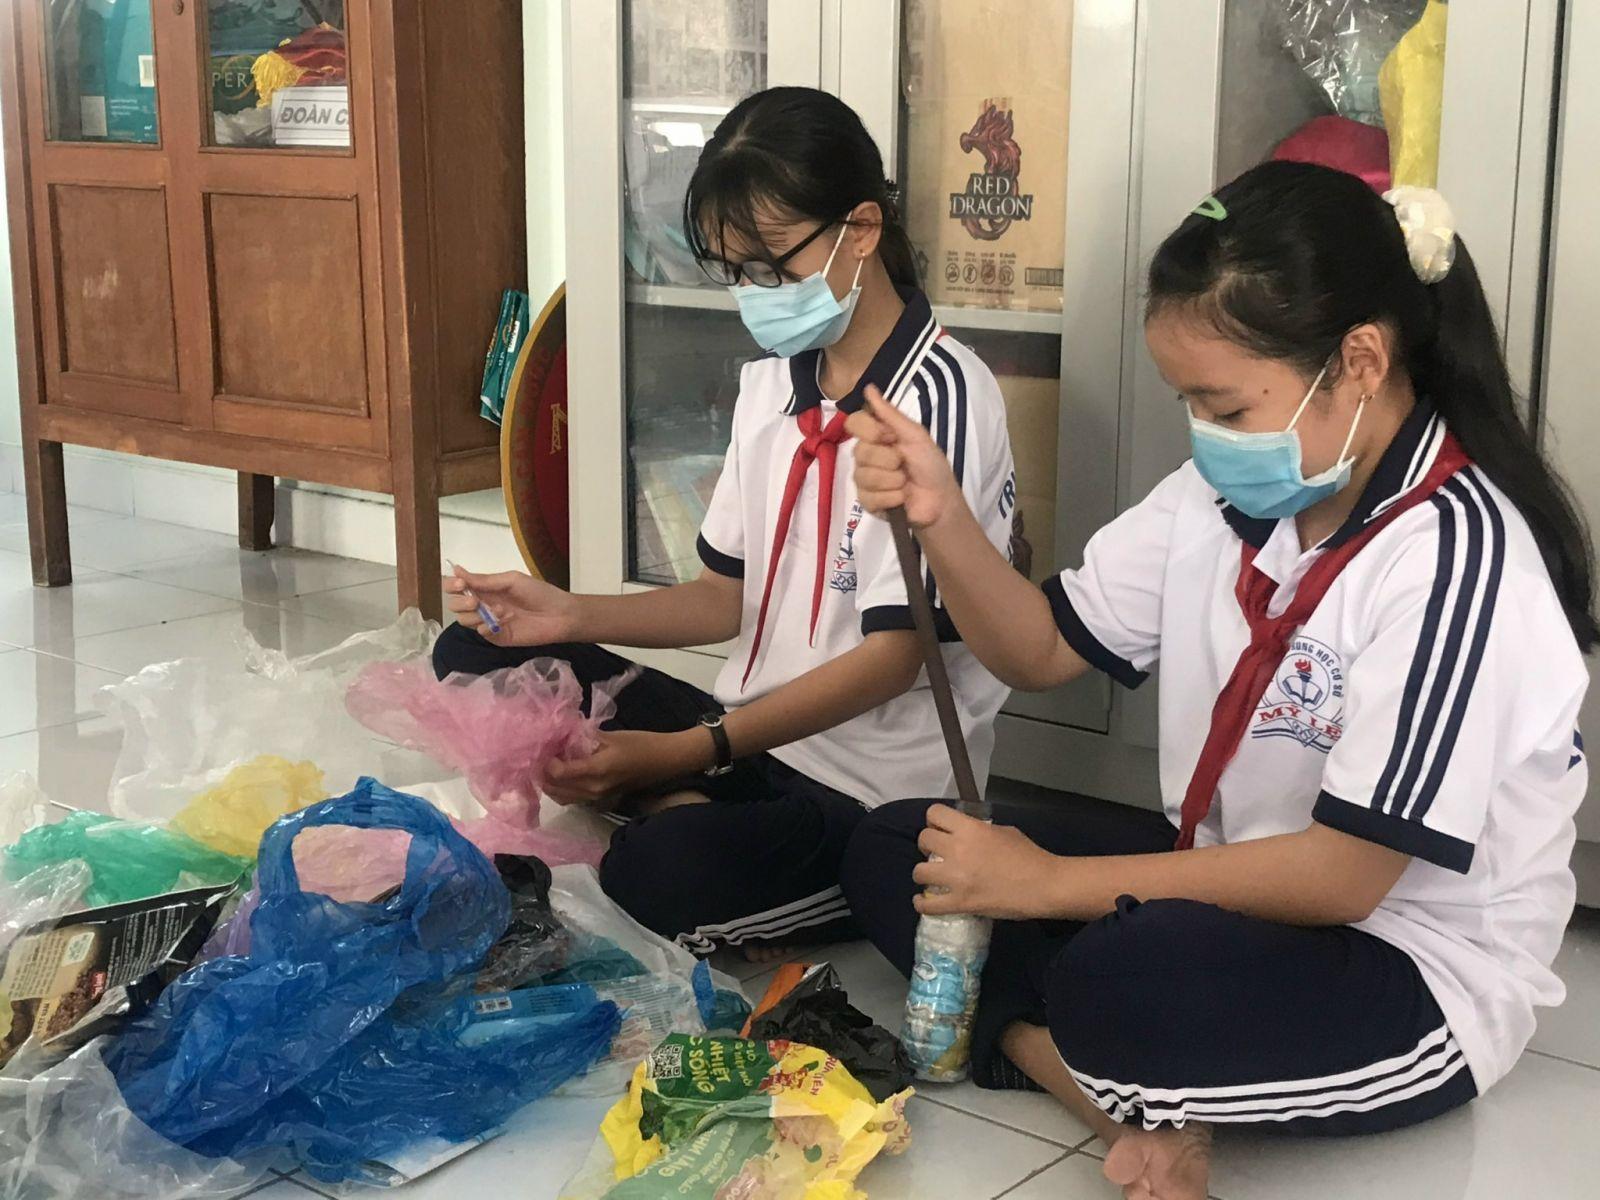 Hiện nay, Hội đồng Đội huyện Cần Đước có nhiều mô hình giáo dục kỹ năng sống cho đội viên, học sinh